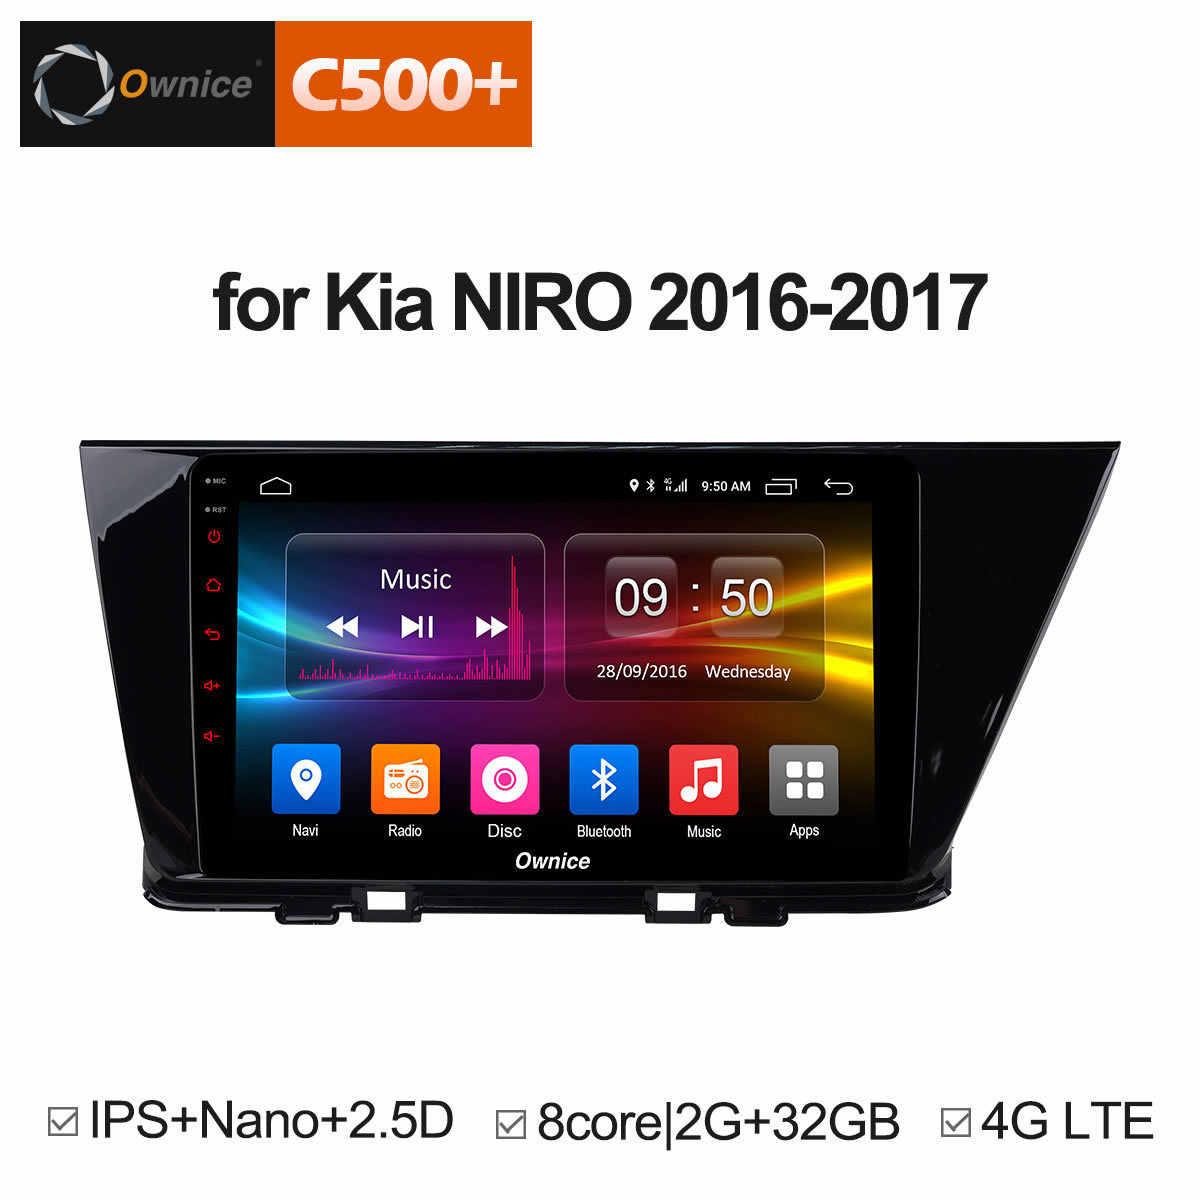 Ownice C500 + G10 Android 8.1 Octa 8 Core ROM 32G voor KIA NIRO 2016 2017 Auto DVD Speler navigatie GPS Radio Ondersteuning 4G LTE DVR